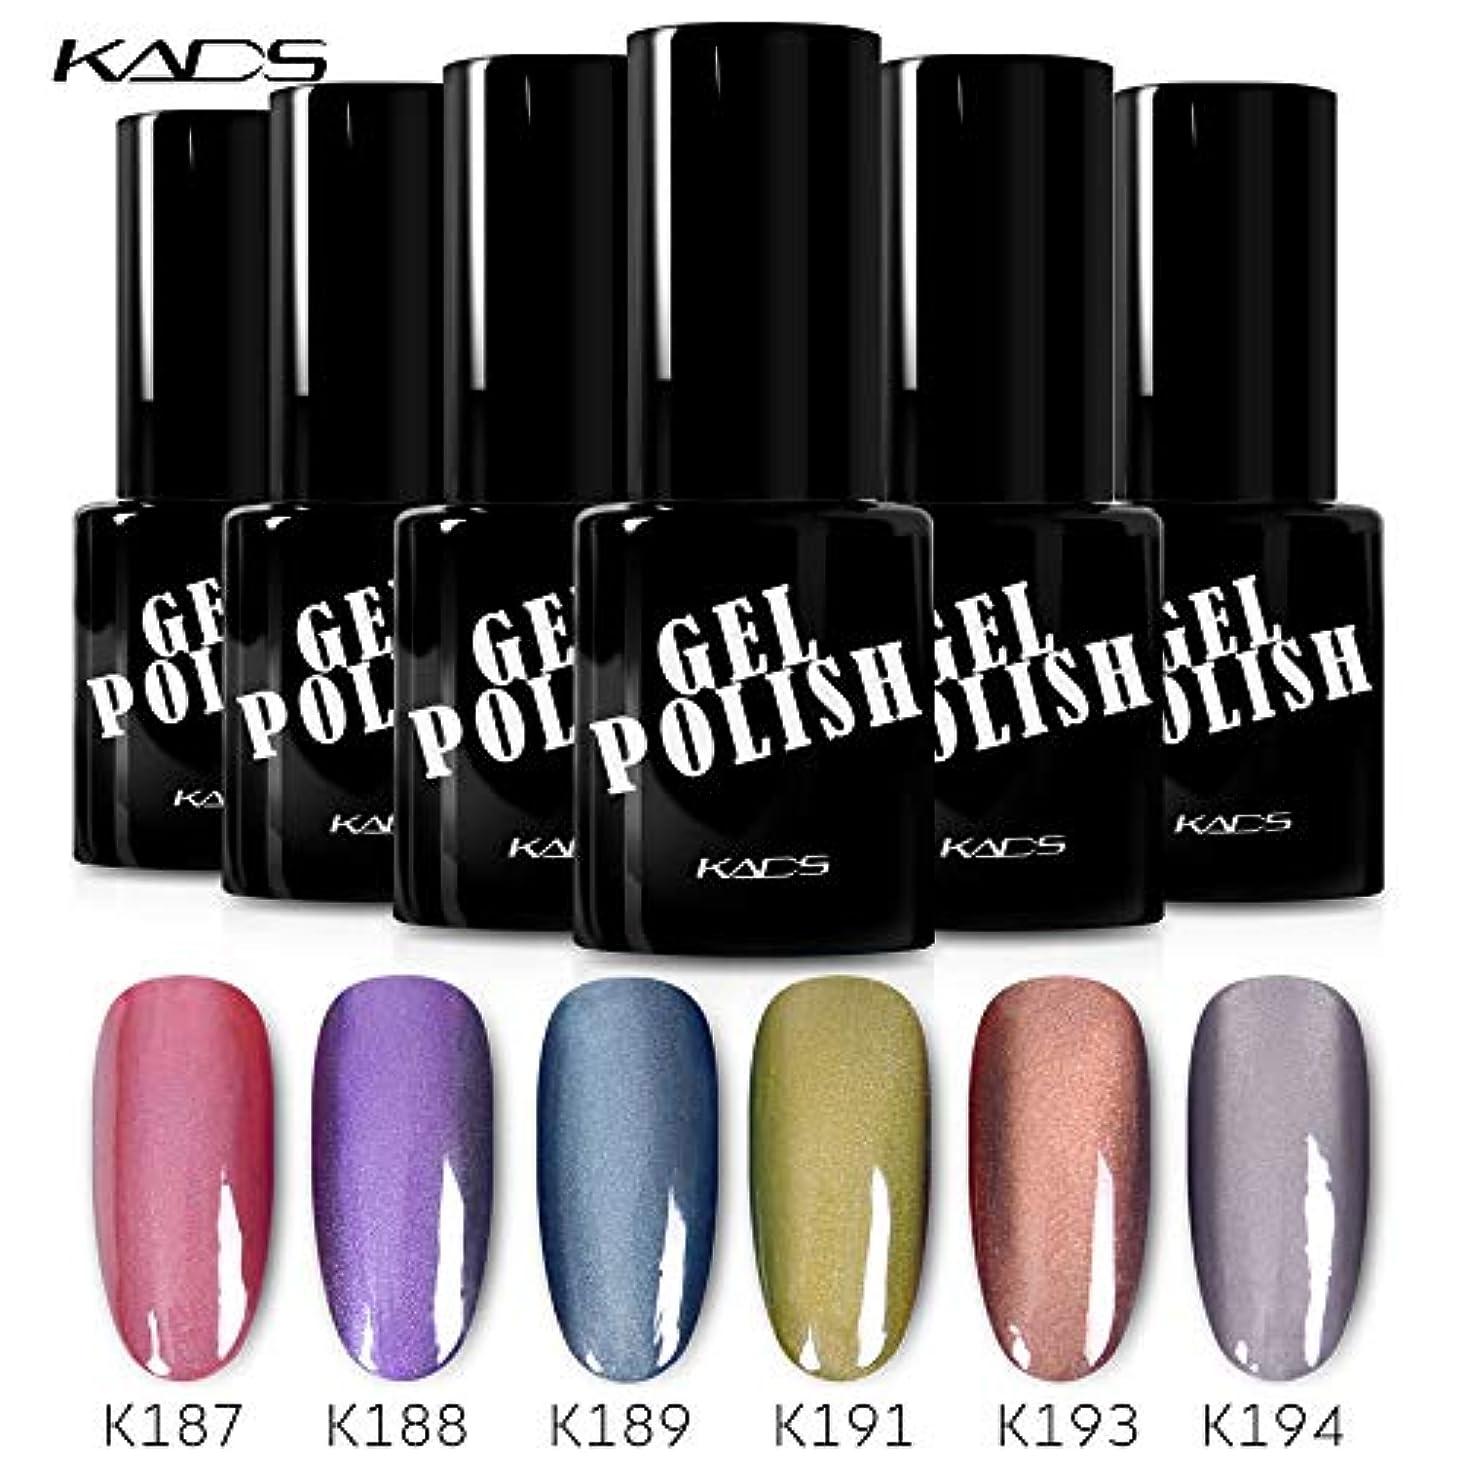 楽しむ一族吸収KADS カラージェル 6色入り キャッツアイジェルネイル グリーン/ピンク/グレー カラーポリッシュ UV/LED対応 艶長持ち